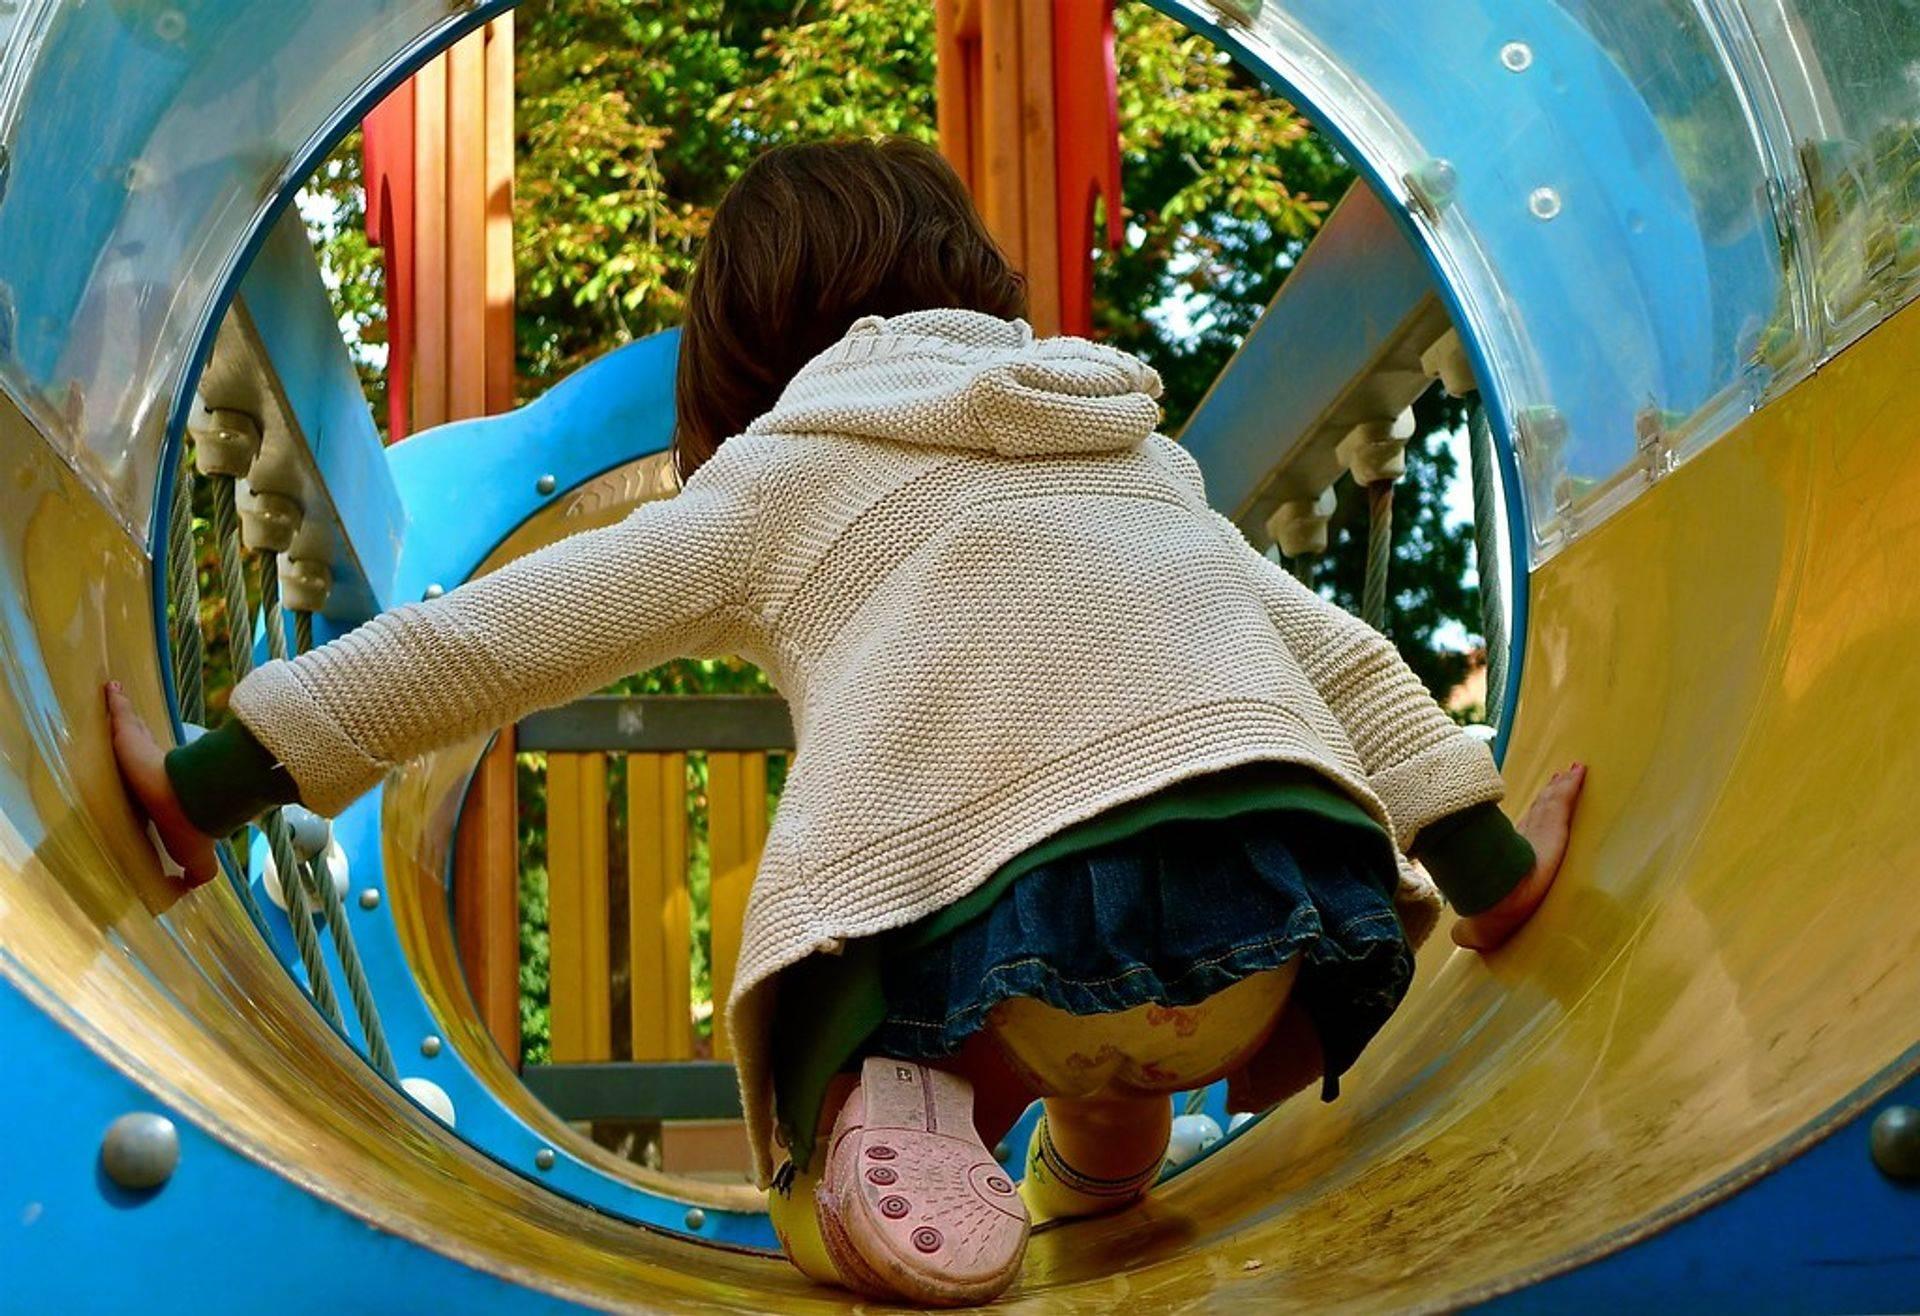 Outdoor fun/play